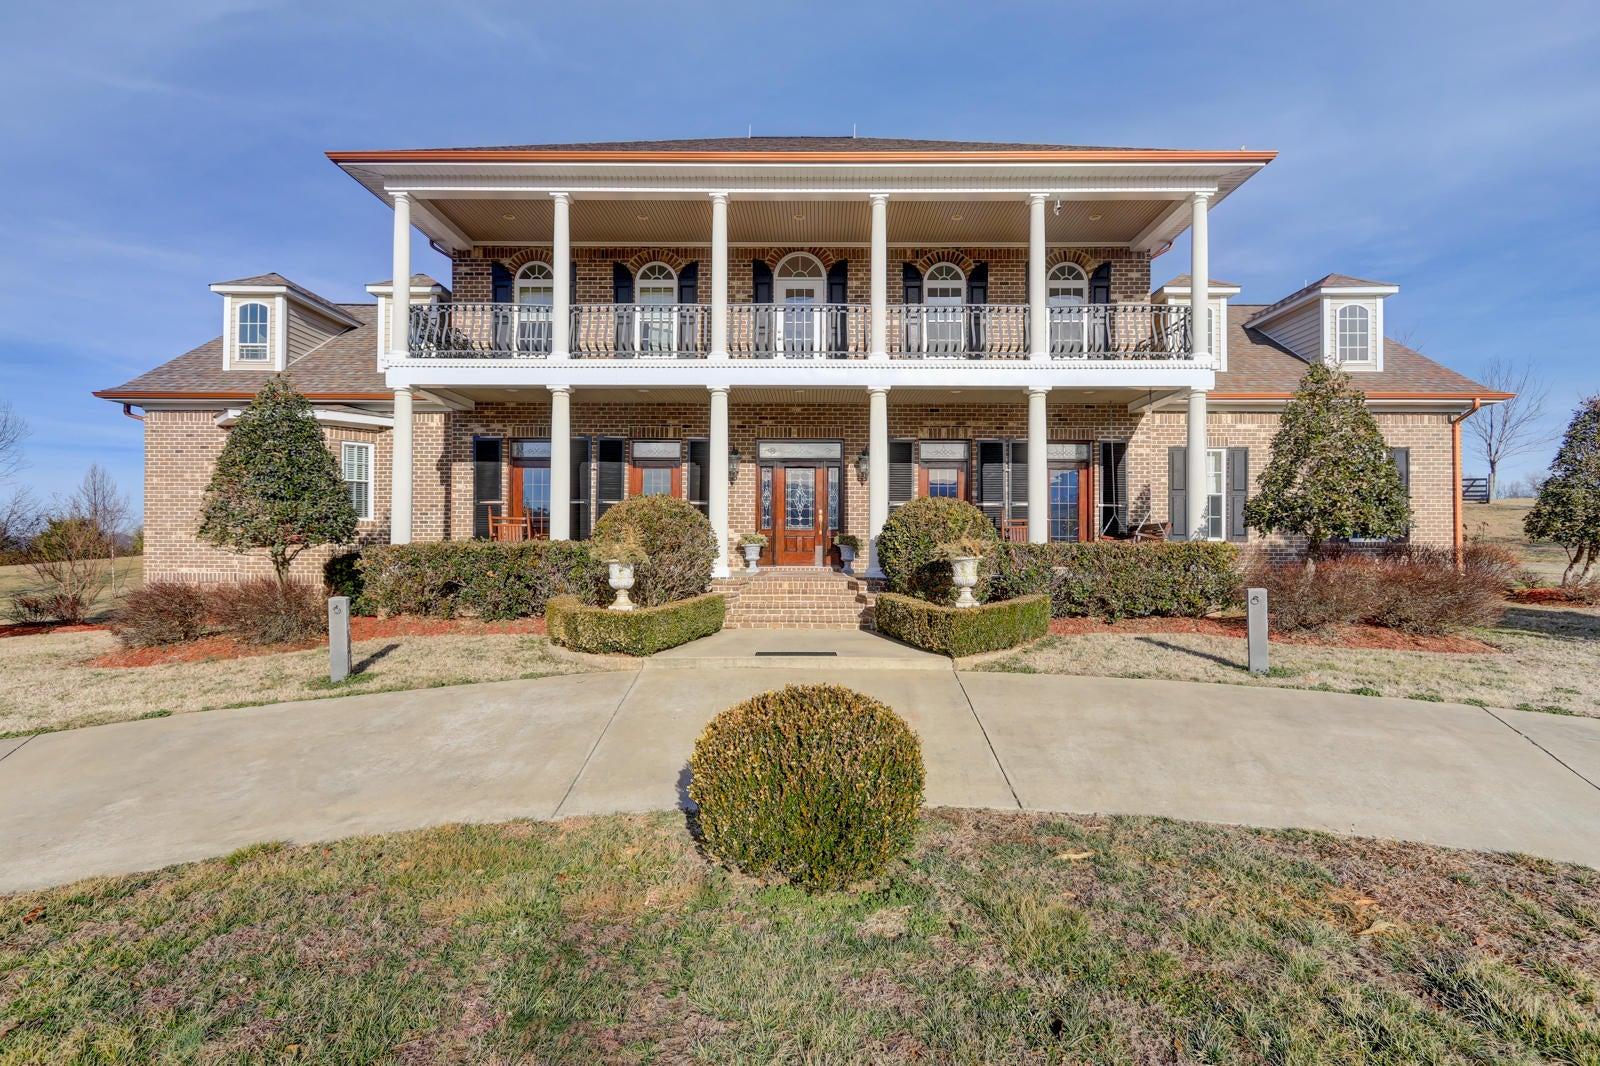 Casa Unifamiliar por un Venta en 7040 107 Cutoff 7040 107 Cutoff Greeneville, Tennessee 37743 Estados Unidos